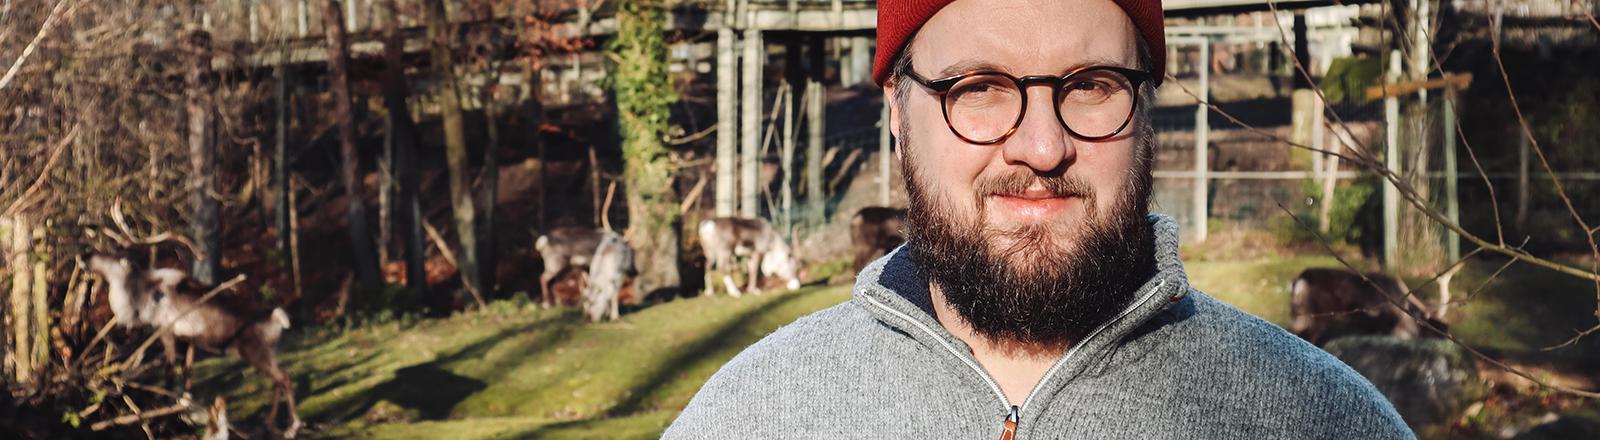 Ein Mann mit Mütze und Brille steht vor einem Gehege mit Renntieren.